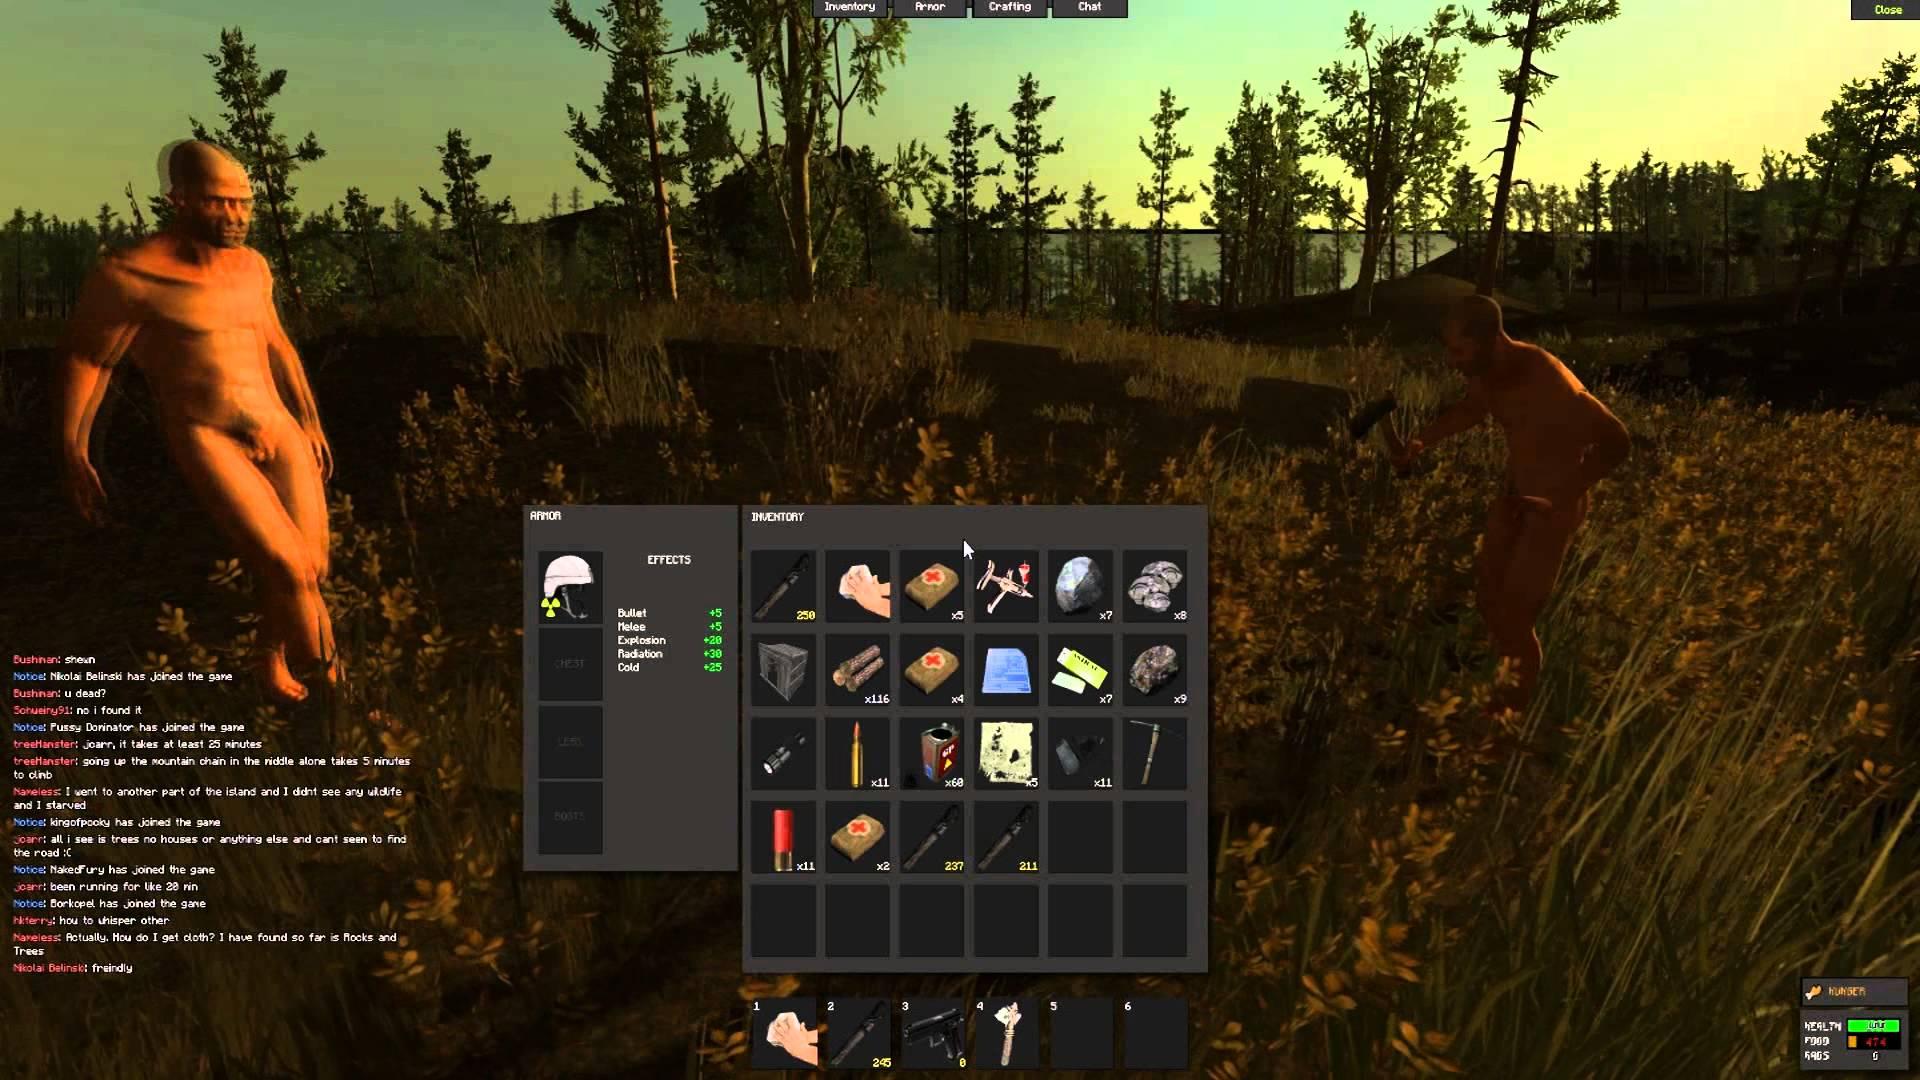 imagen del menu del jugador en rust